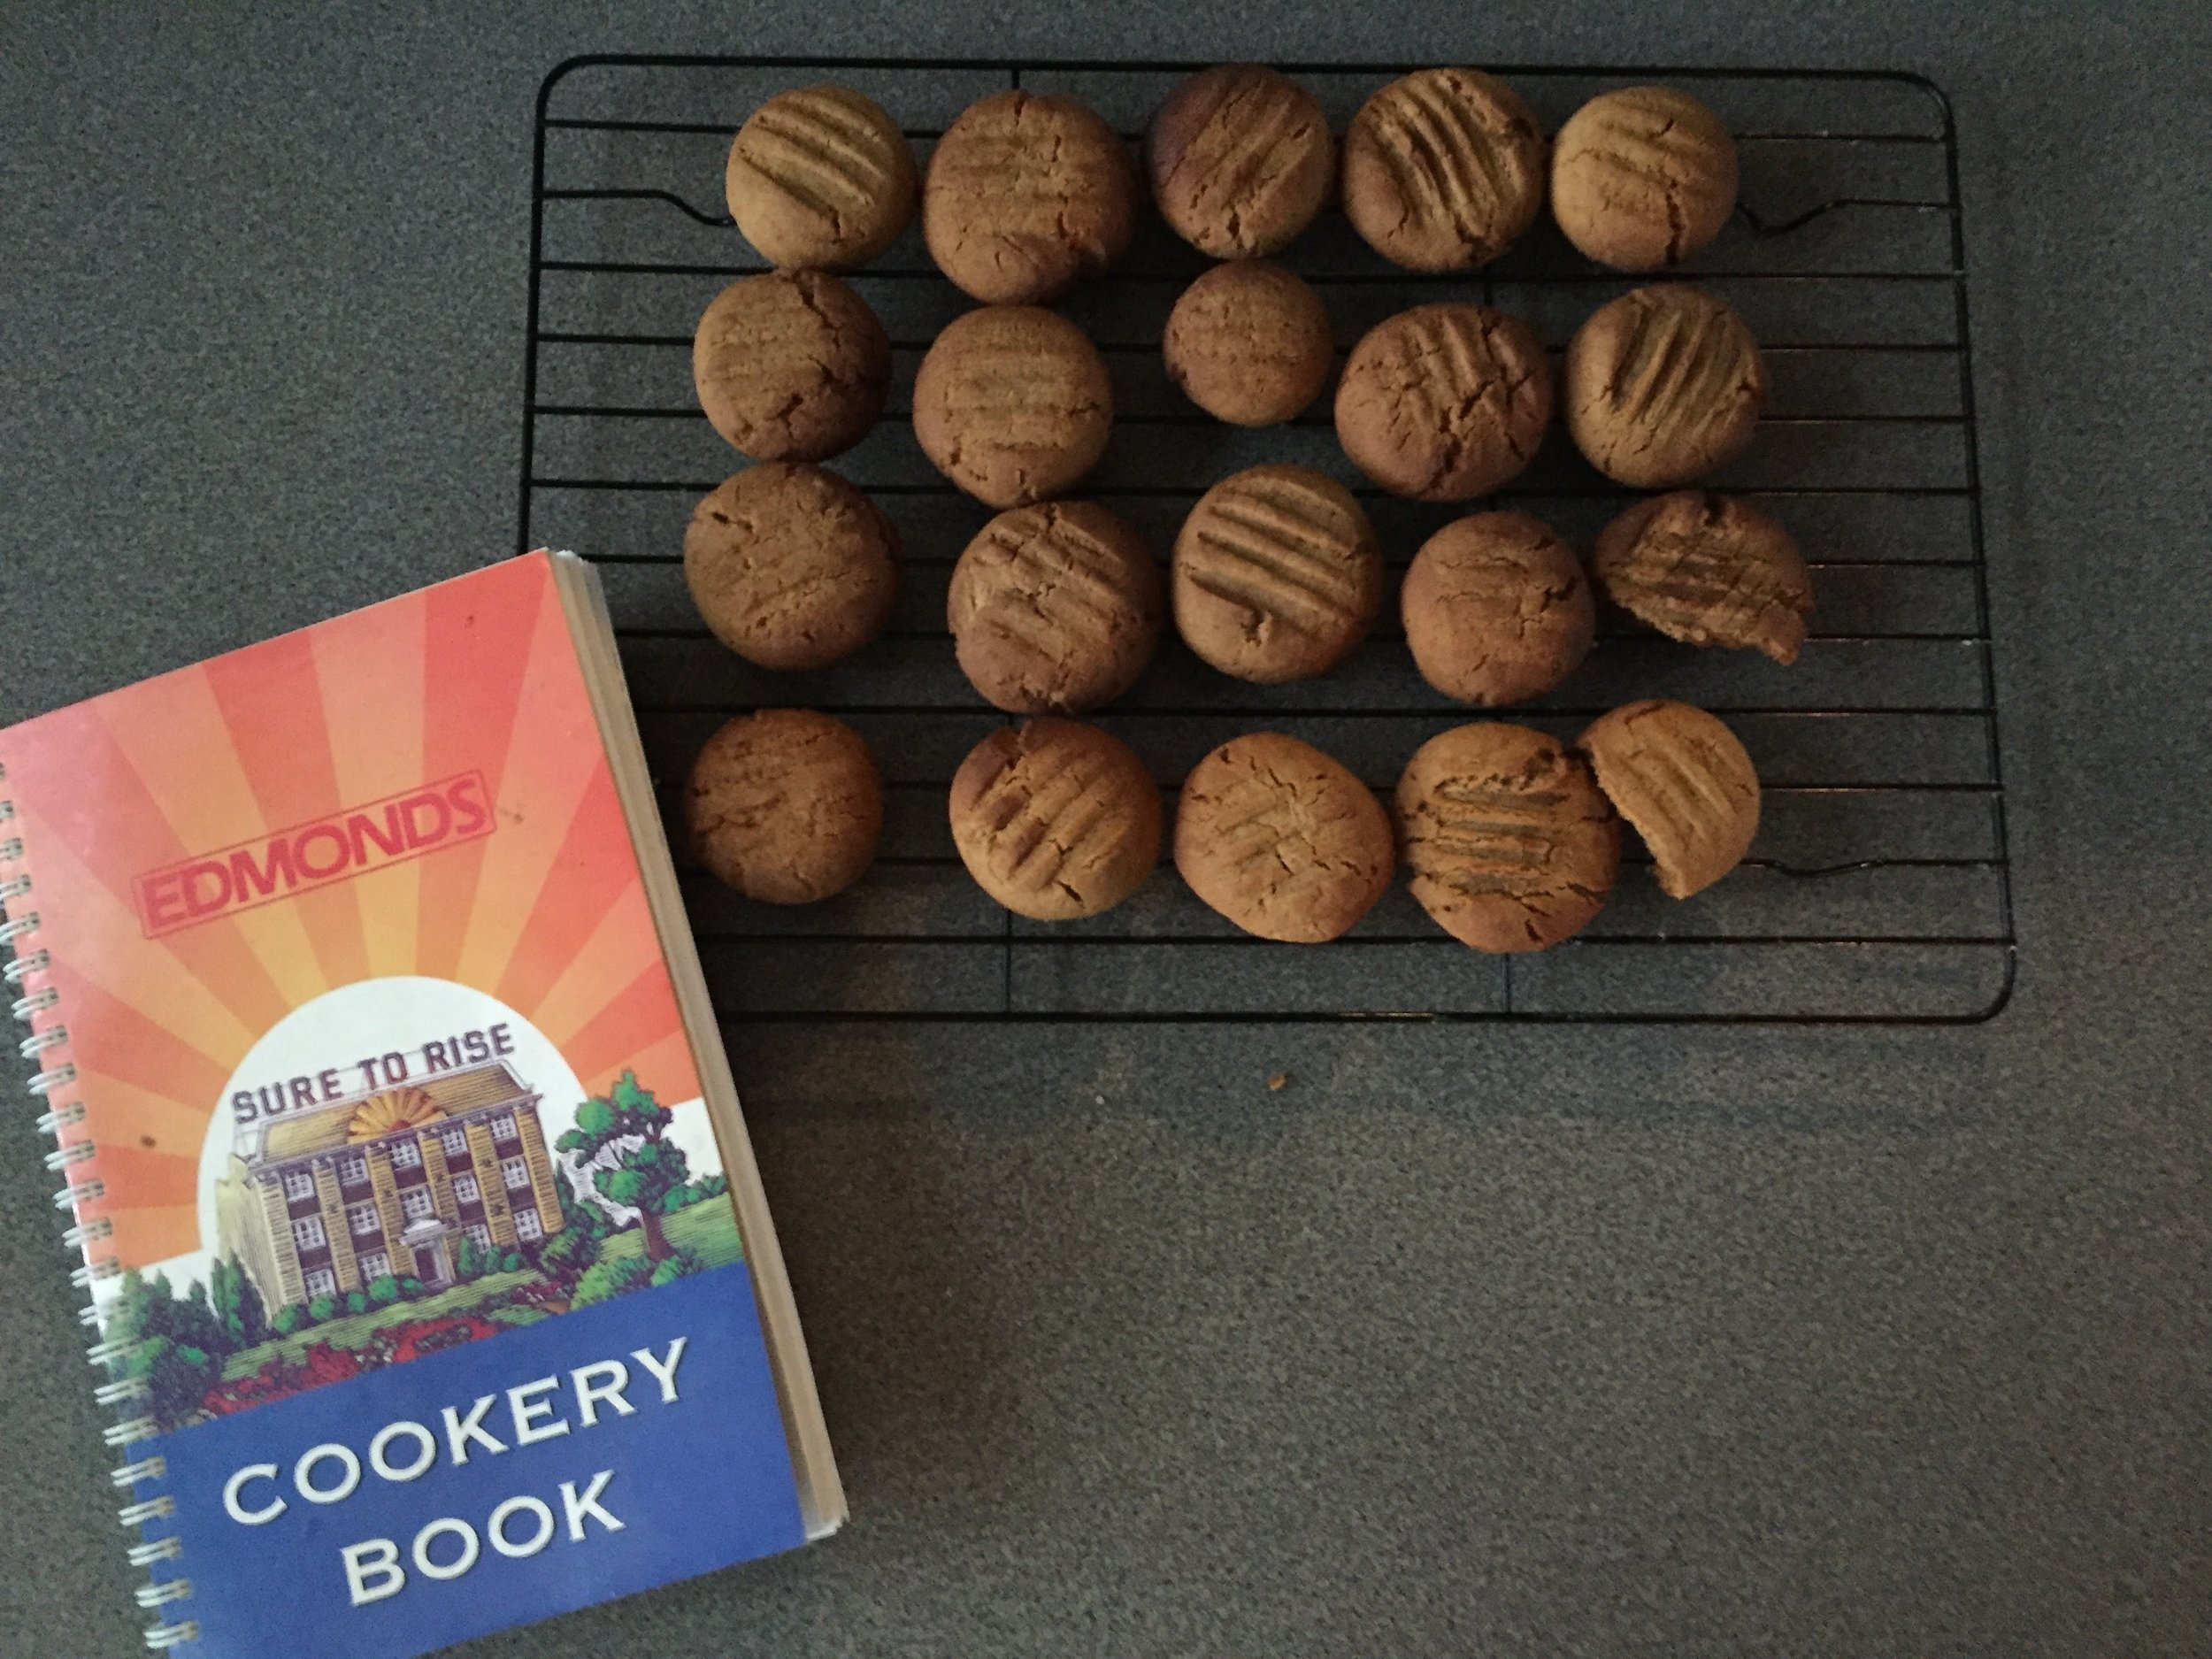 Edmond's Baking Annabelle Chapple